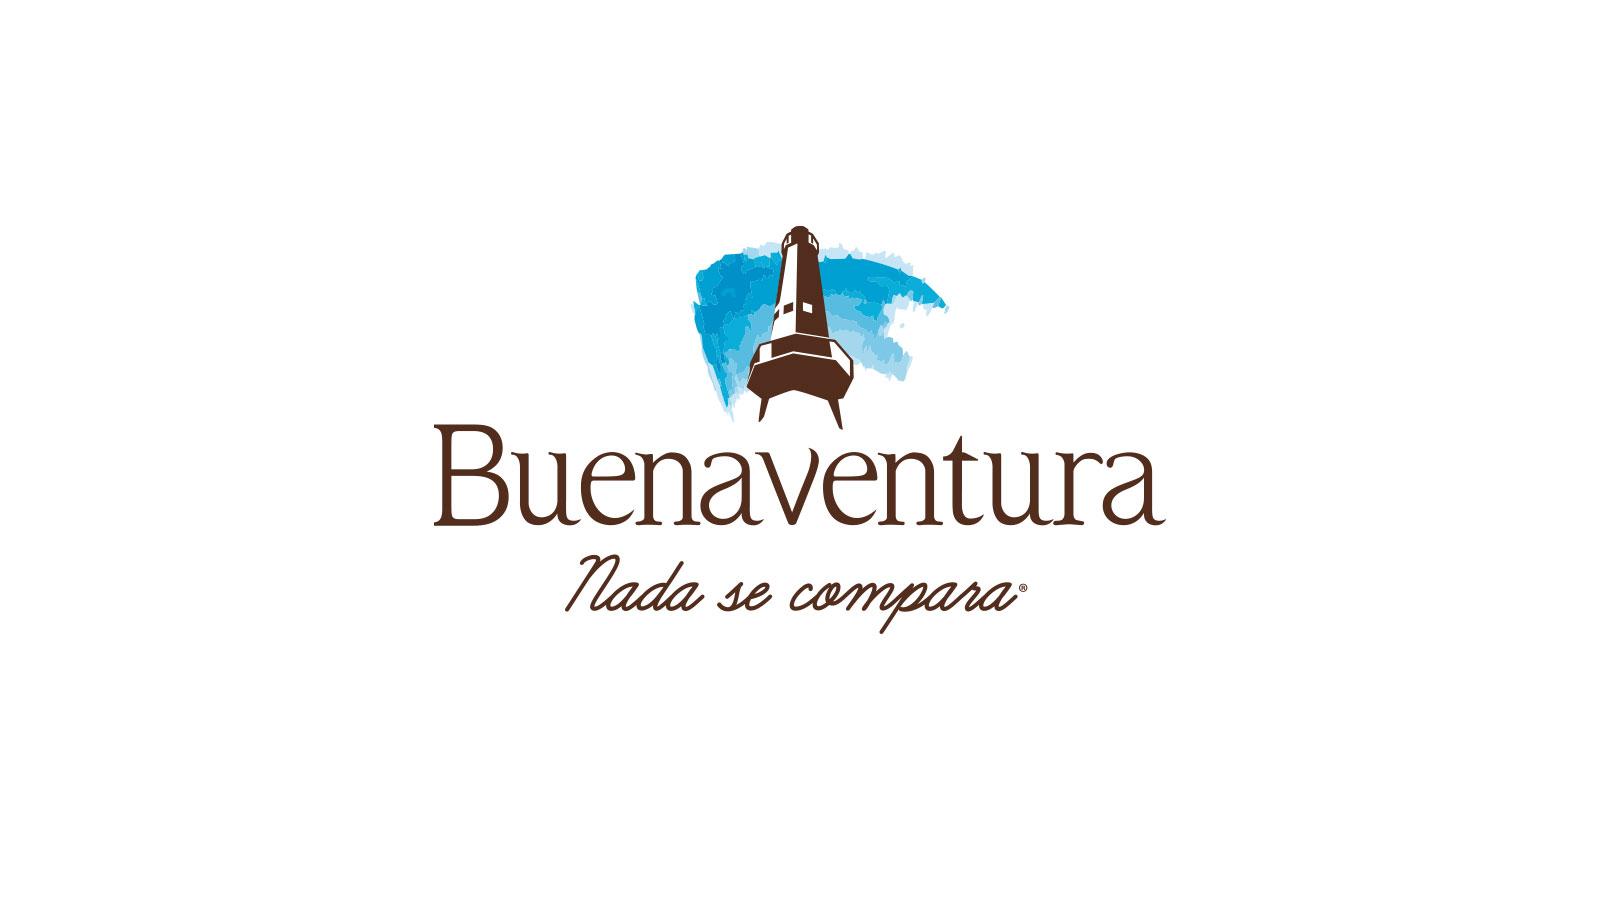 Buenaventura-02